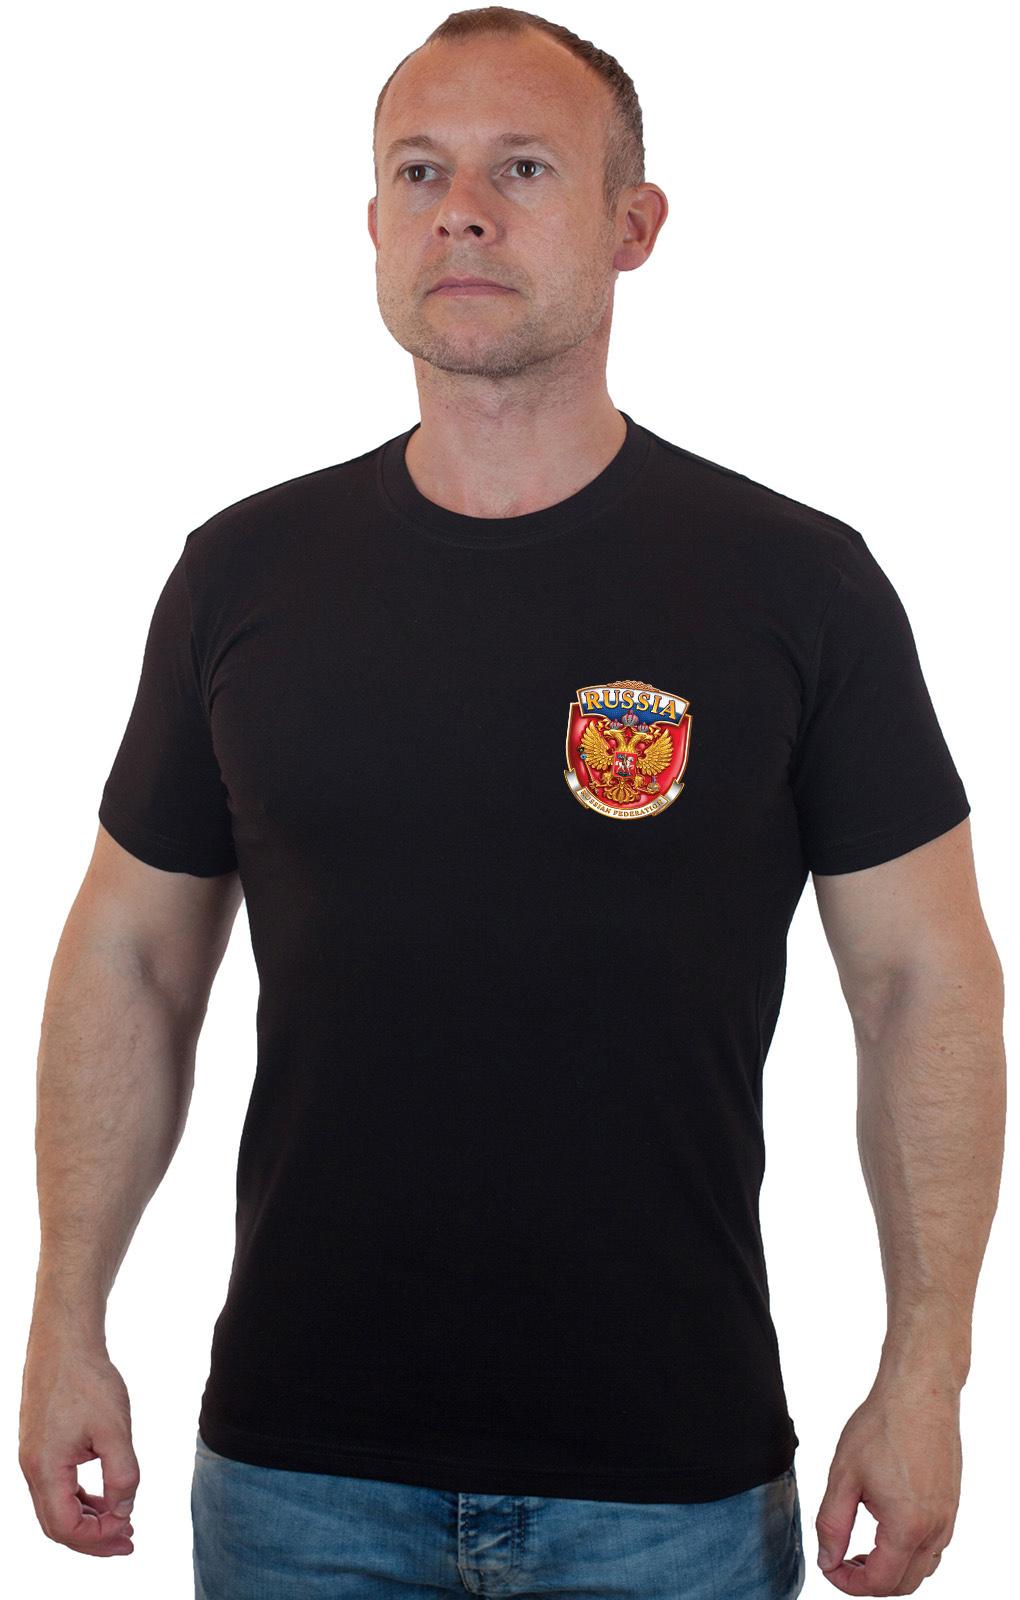 Мужская футболка с гербом России - заказать с доставкой